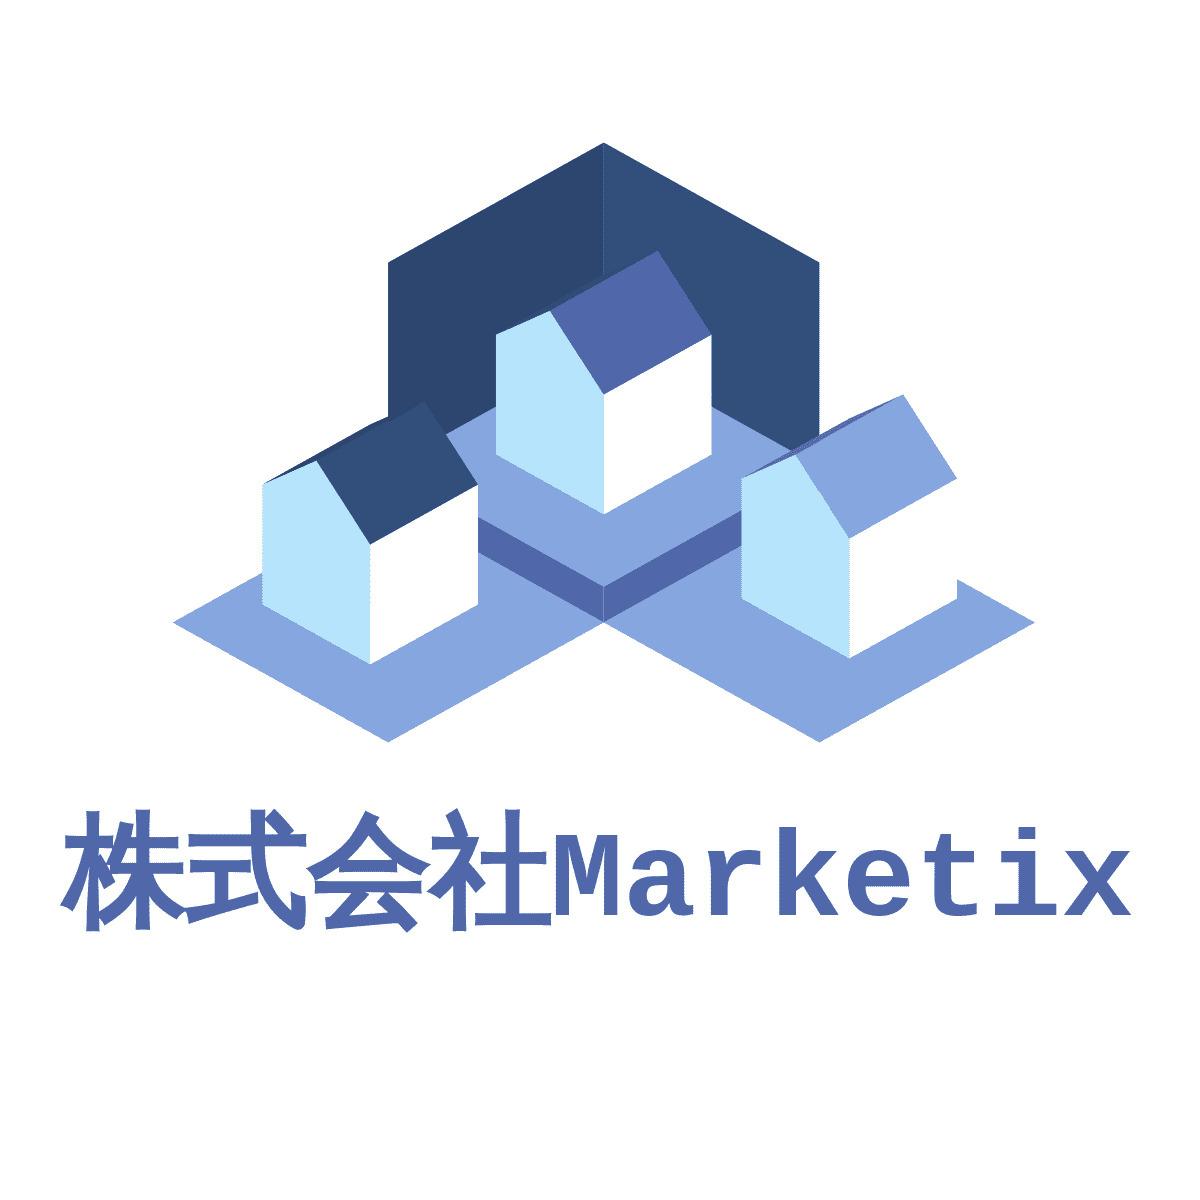 株式会社MarketiX